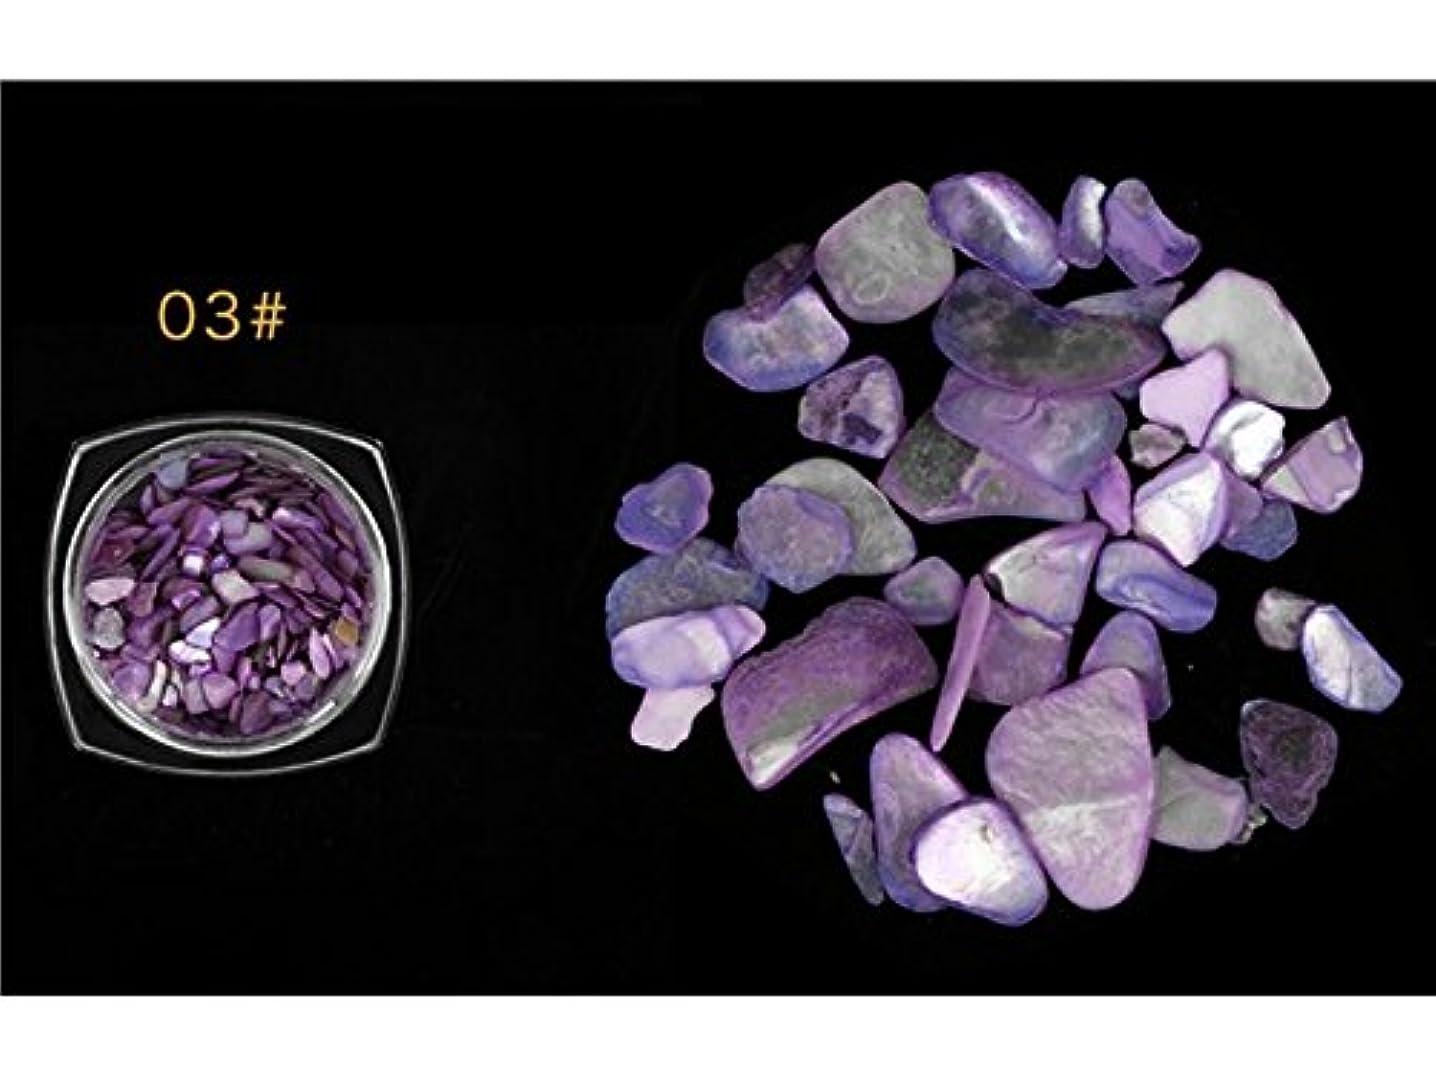 枯れる運命実施するOsize クリアアクリル宝石馬アイ形状チェッカーカットアクリルフラットバックラインストーンスクラップブックネイルアート工芸ネイルアート装飾(紫)